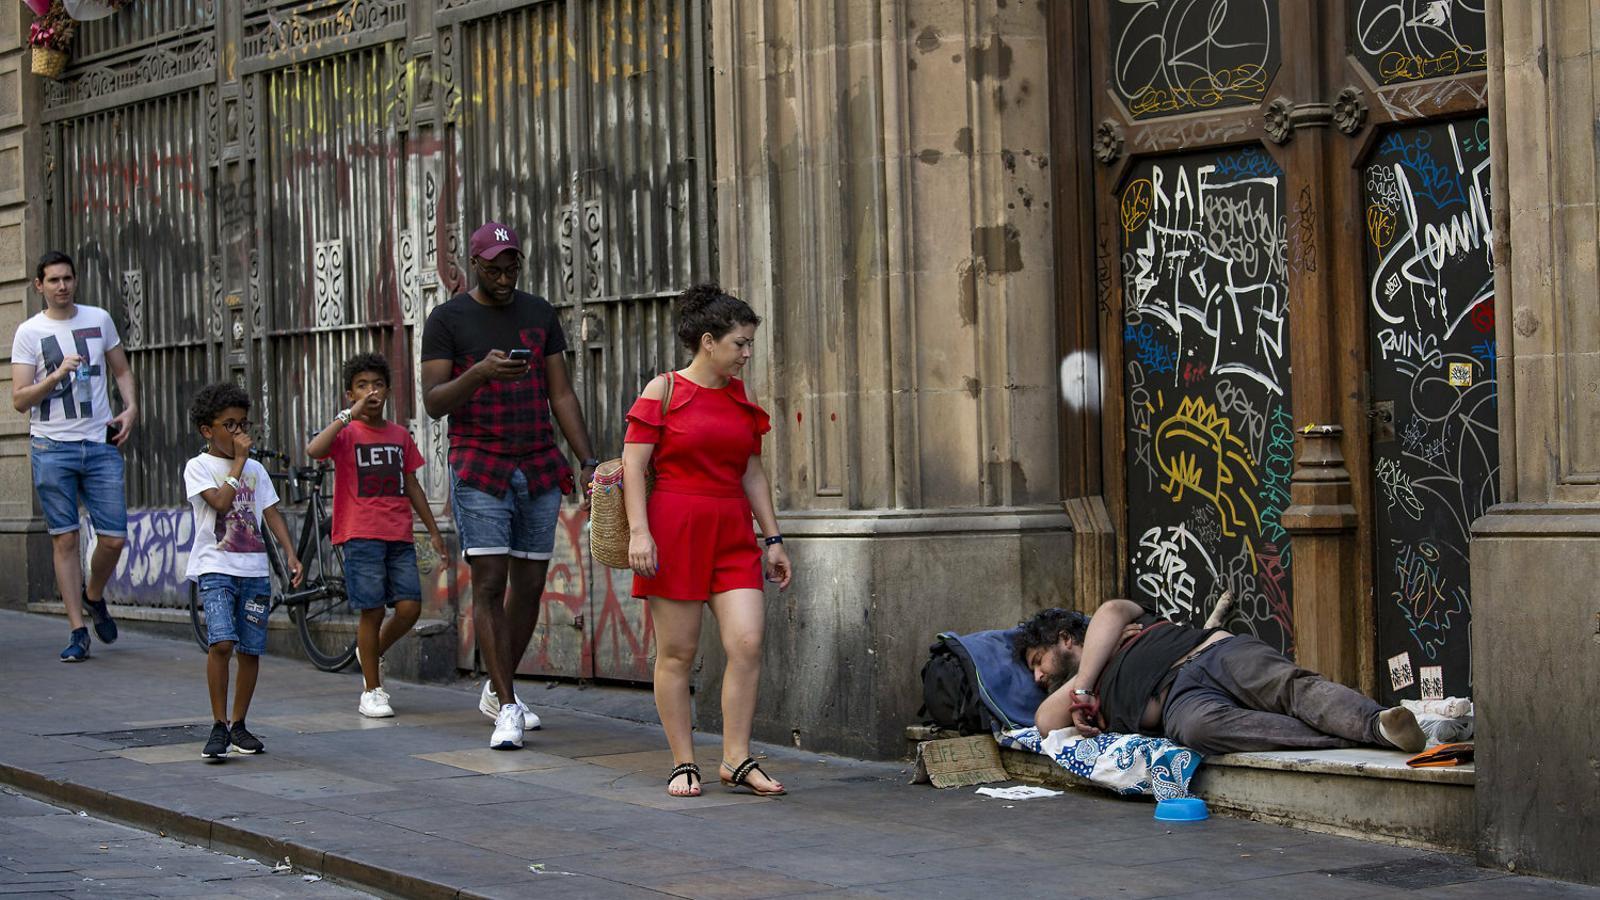 Una imatge de la pobresa extrema que molts cops es veu pels carrers.